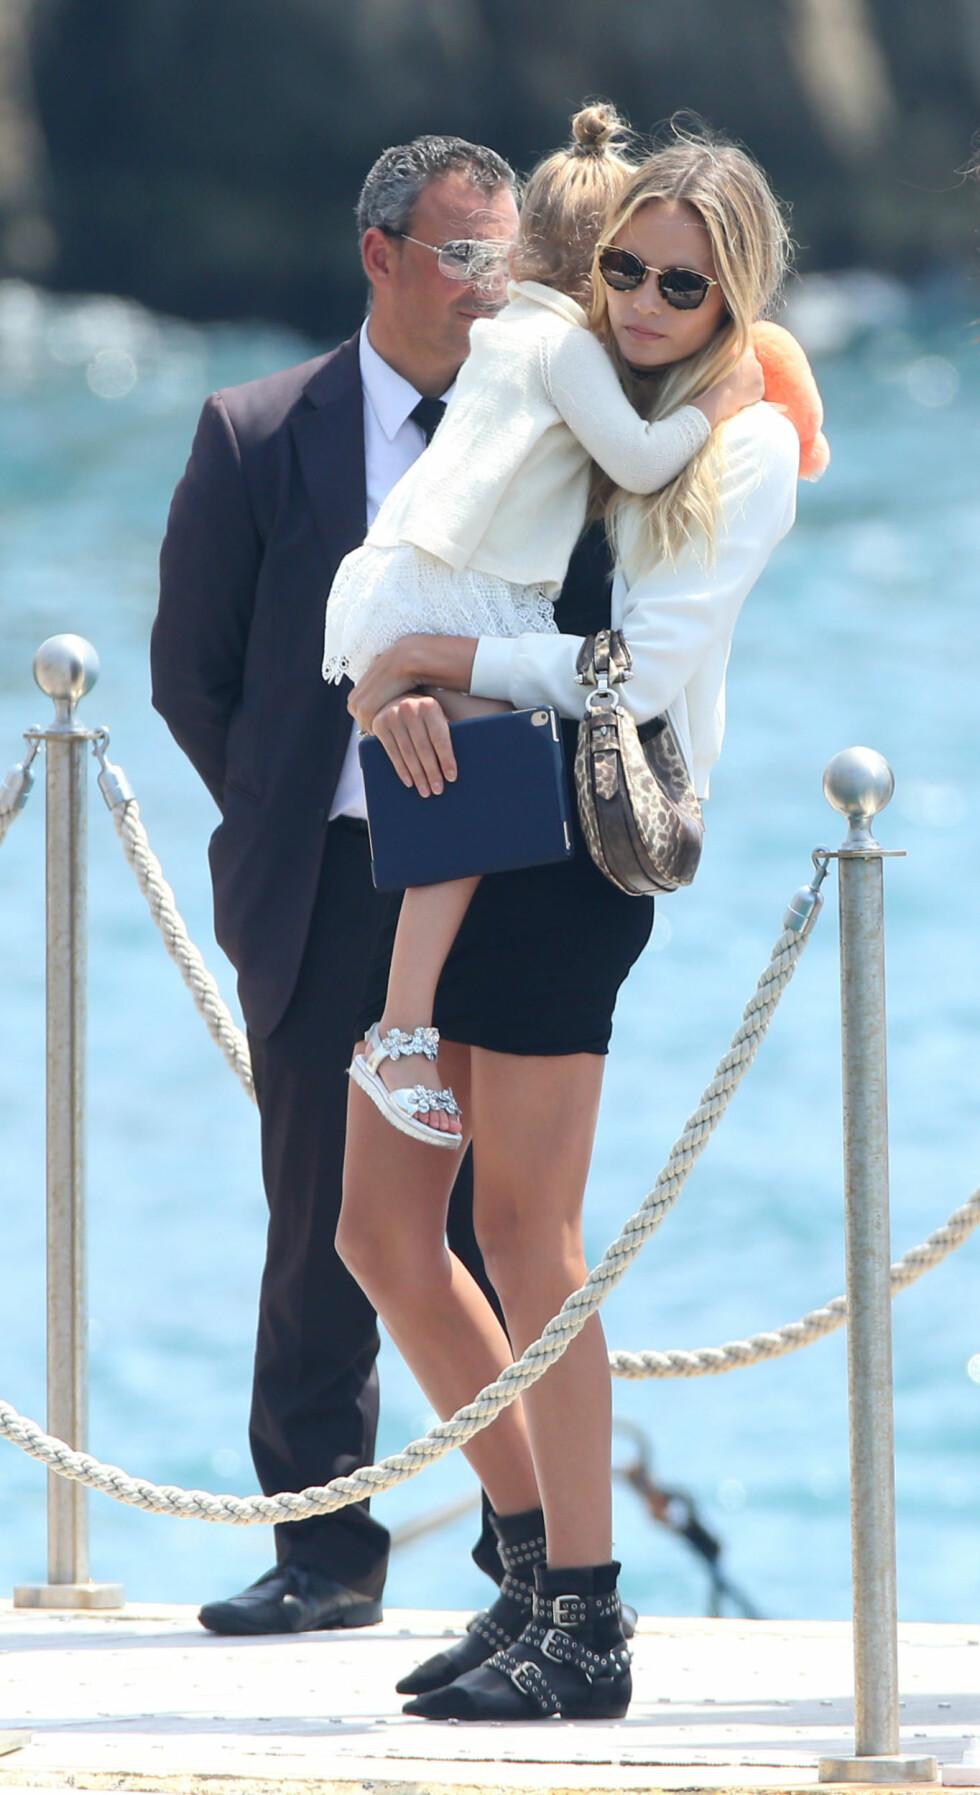 Natasha Poly og datteren Aleksandra Christina Bakker ankommer Hotel Du Cap Eden Roc i Antibes, Frankrike Foto: Splash News